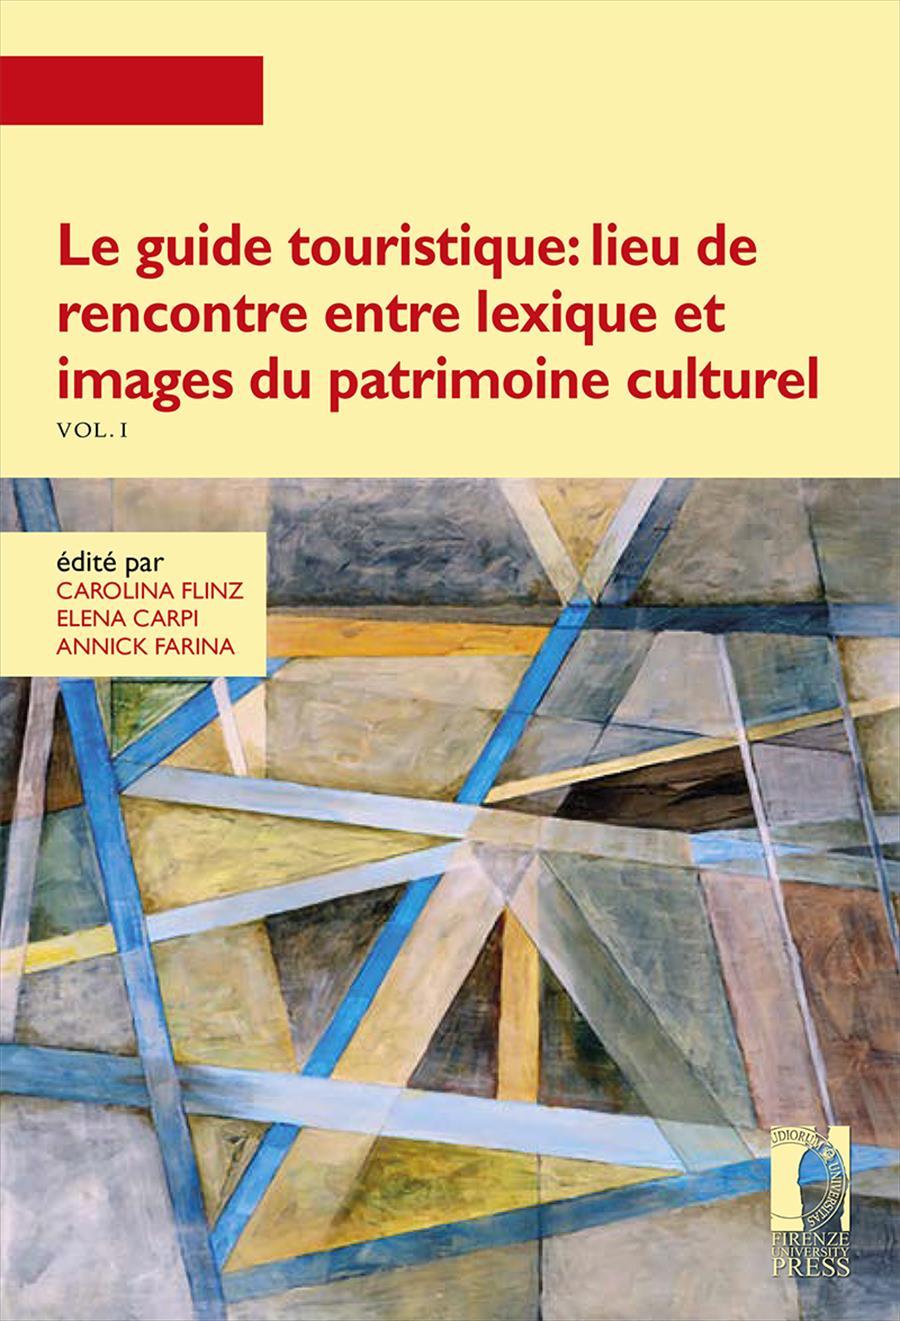 Le guide touristique: lieu de rencontre entre lexique et images du patrimoine culturel. Vol. I